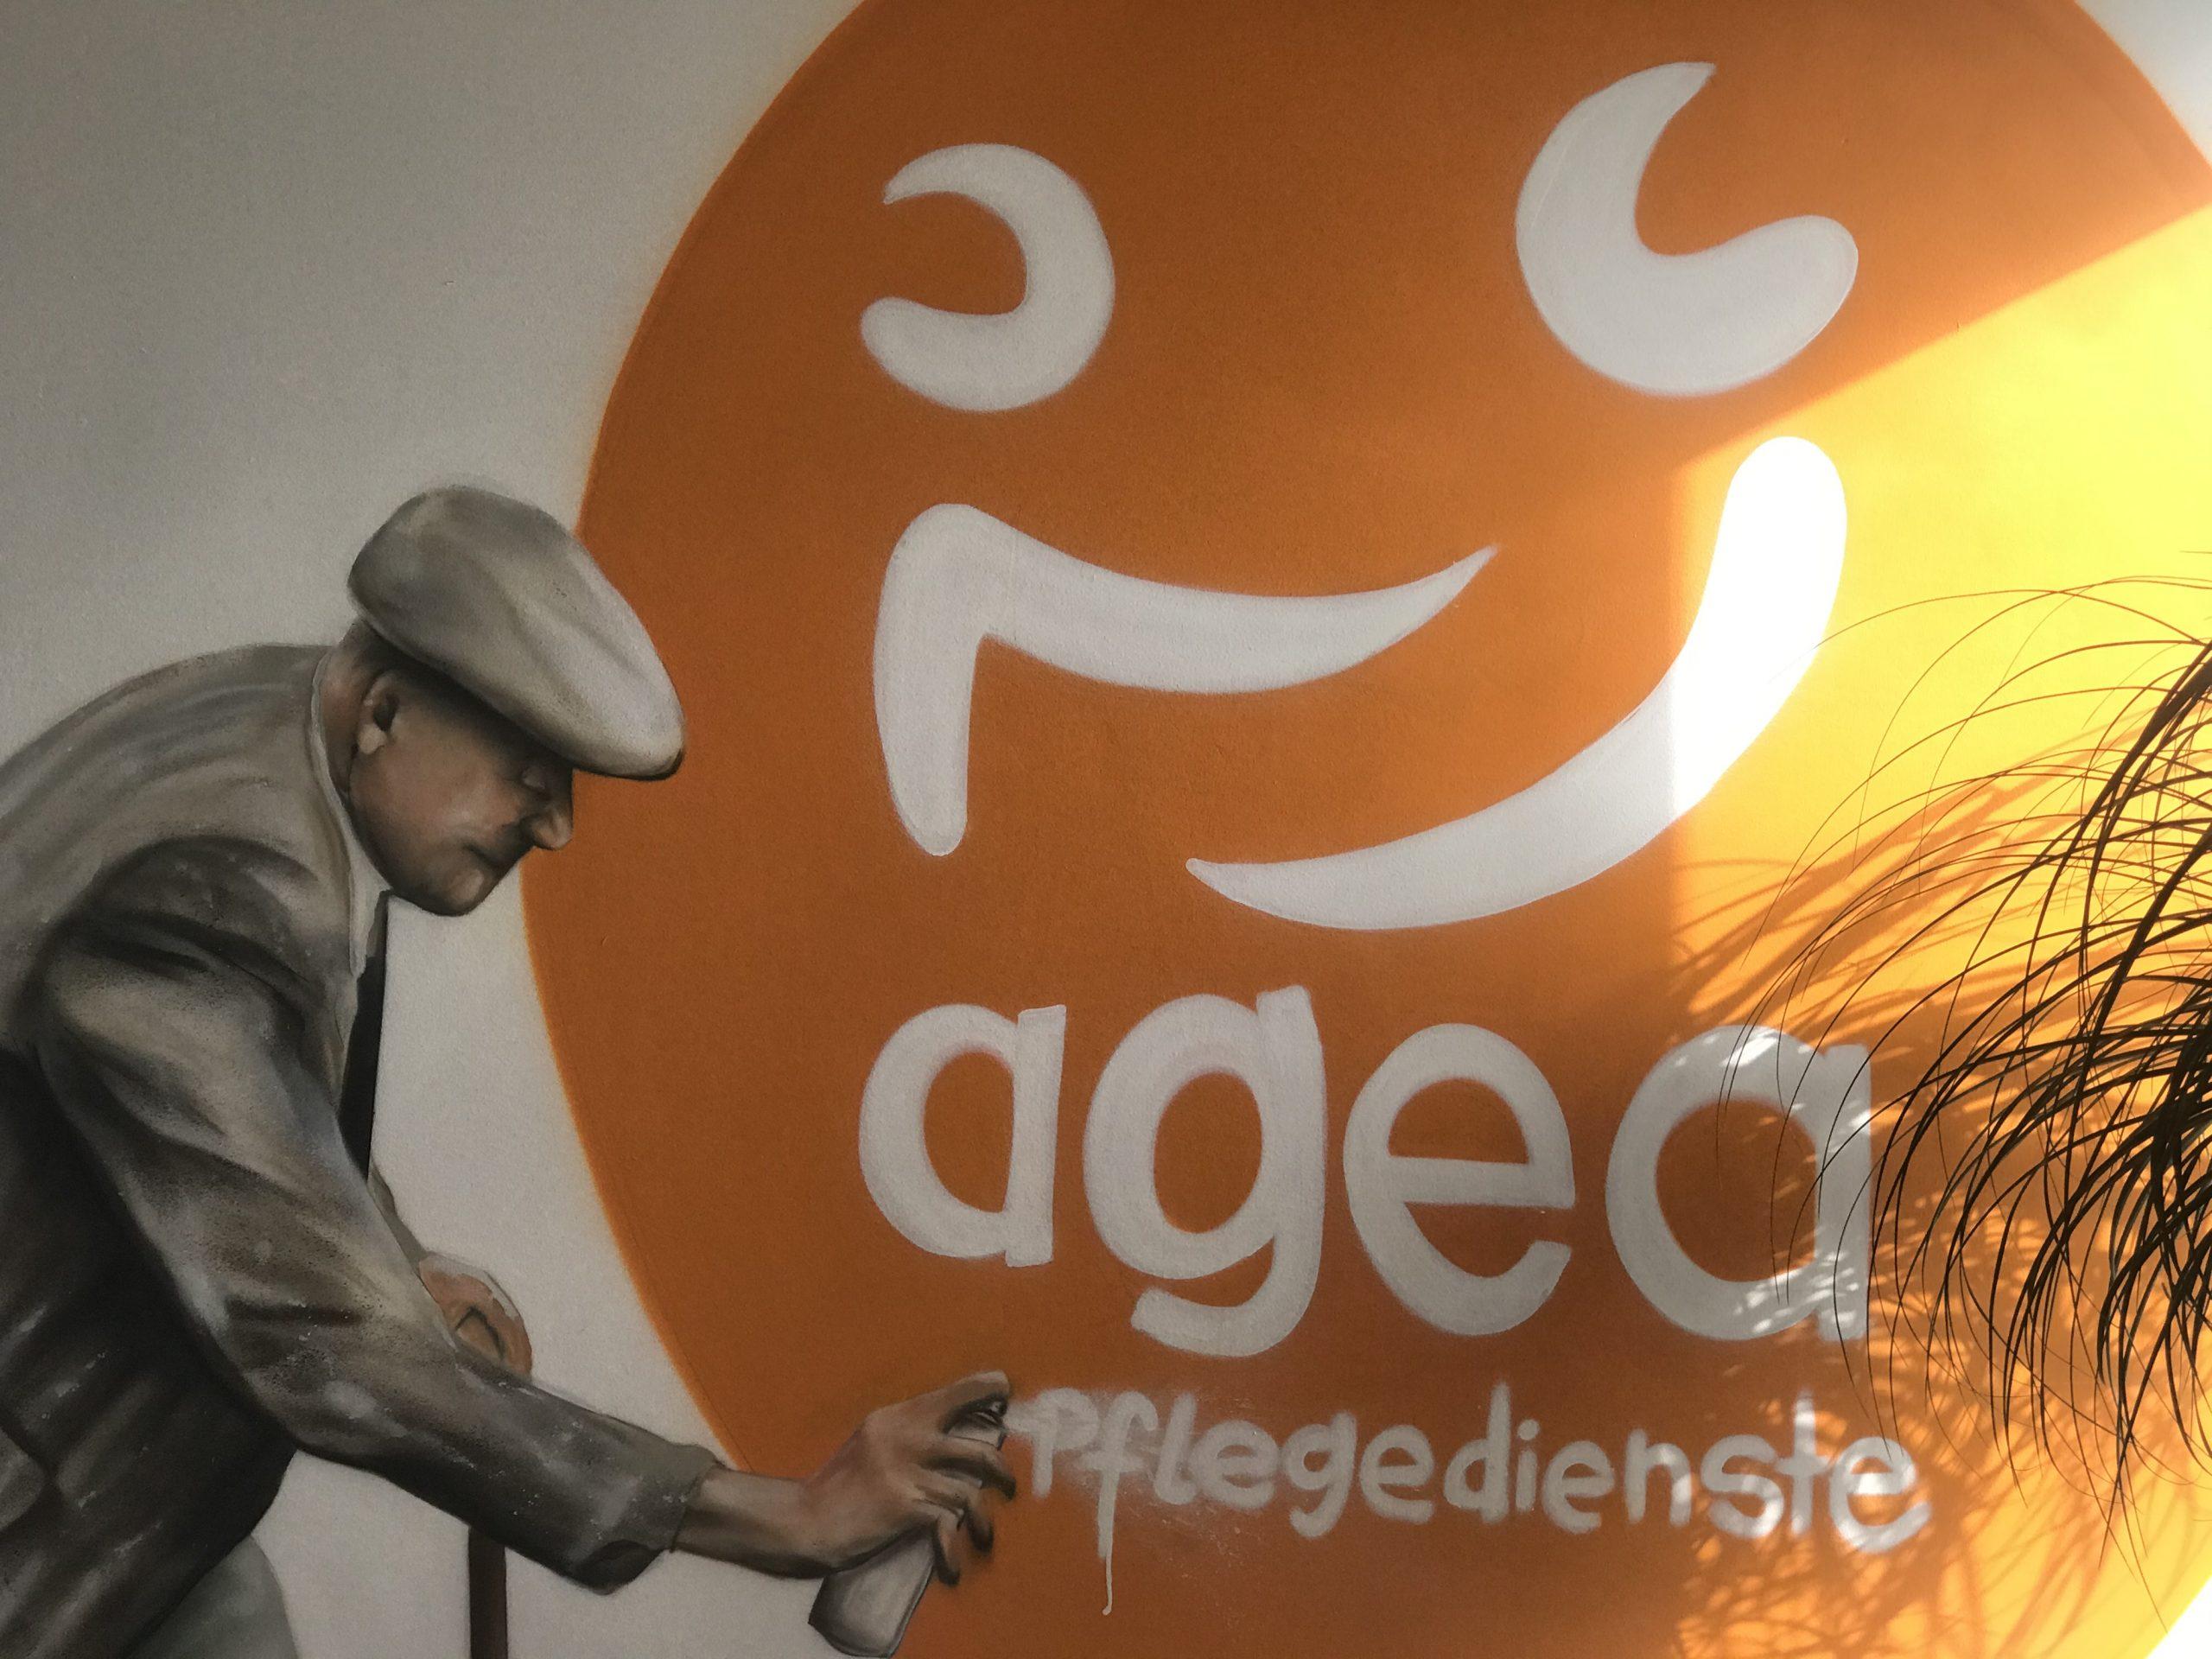 AGEA | Datenschutz